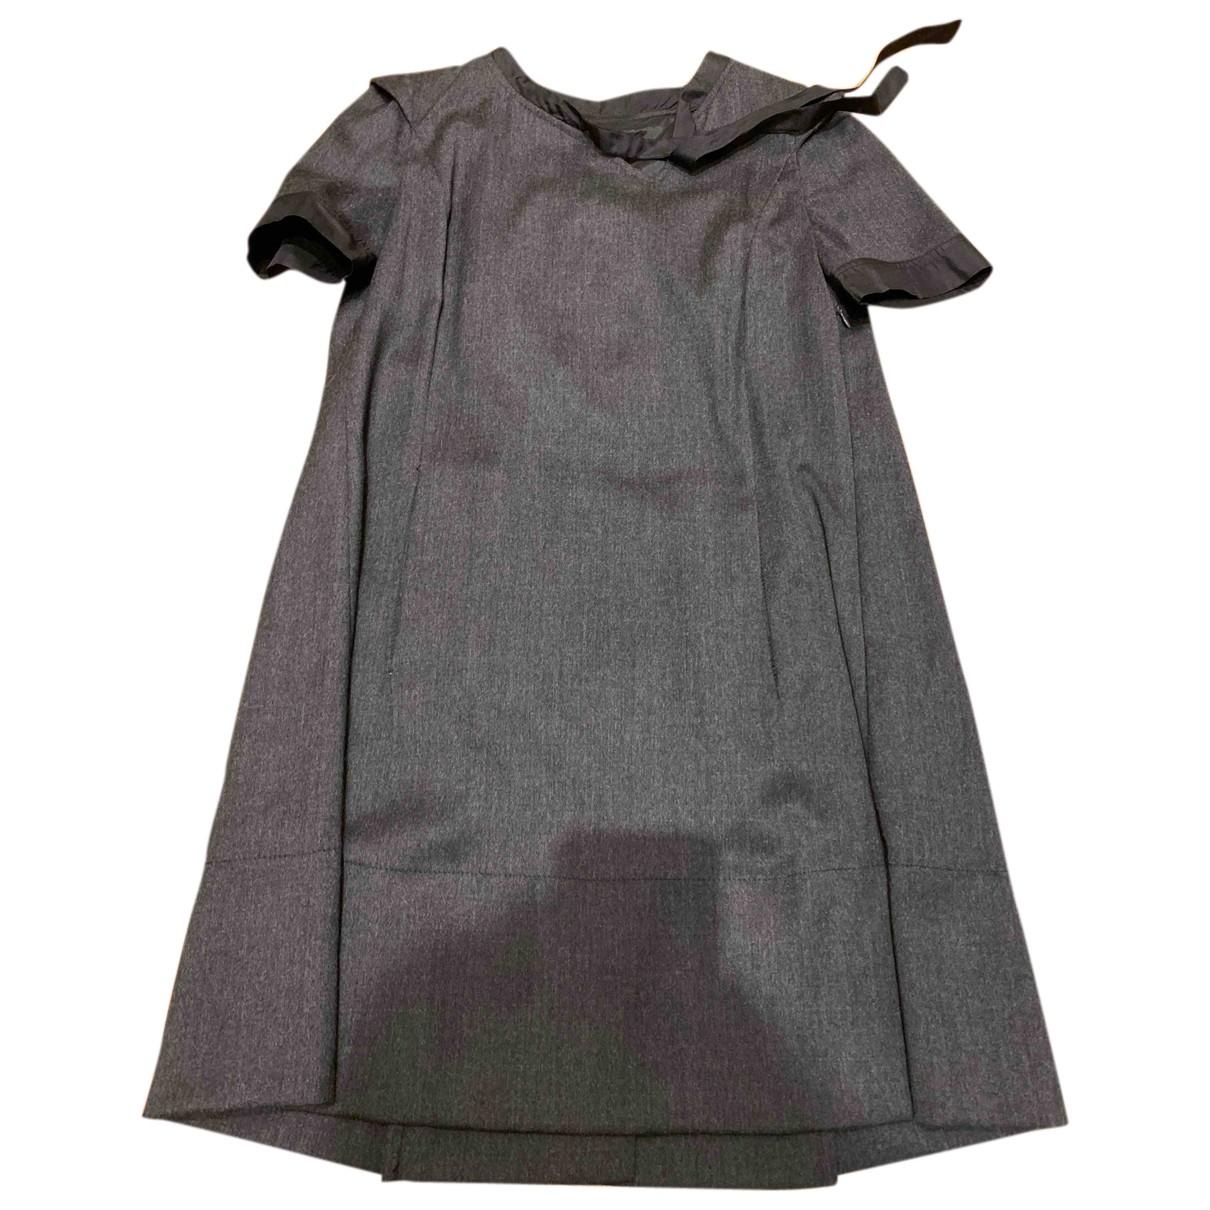 Cnc - Robe   pour femme en laine - gris